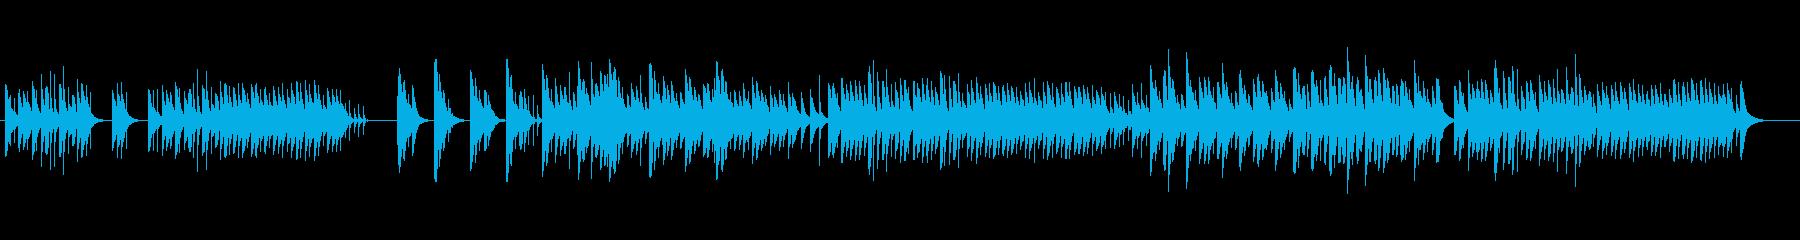 魅惑的なゴシックダークオルゴールの再生済みの波形